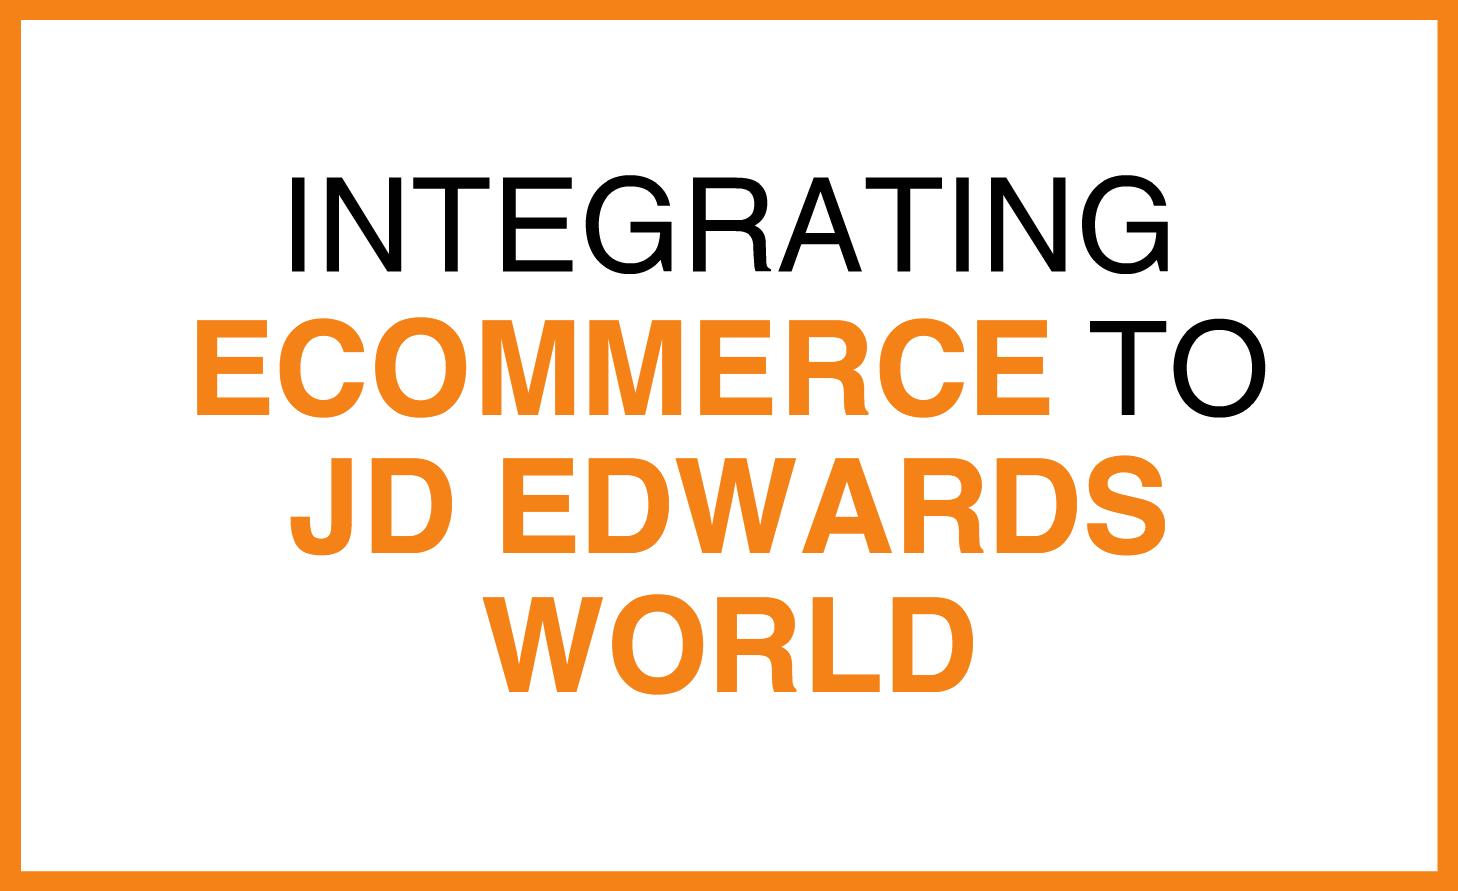 integrating eCommerce to JDE World.png